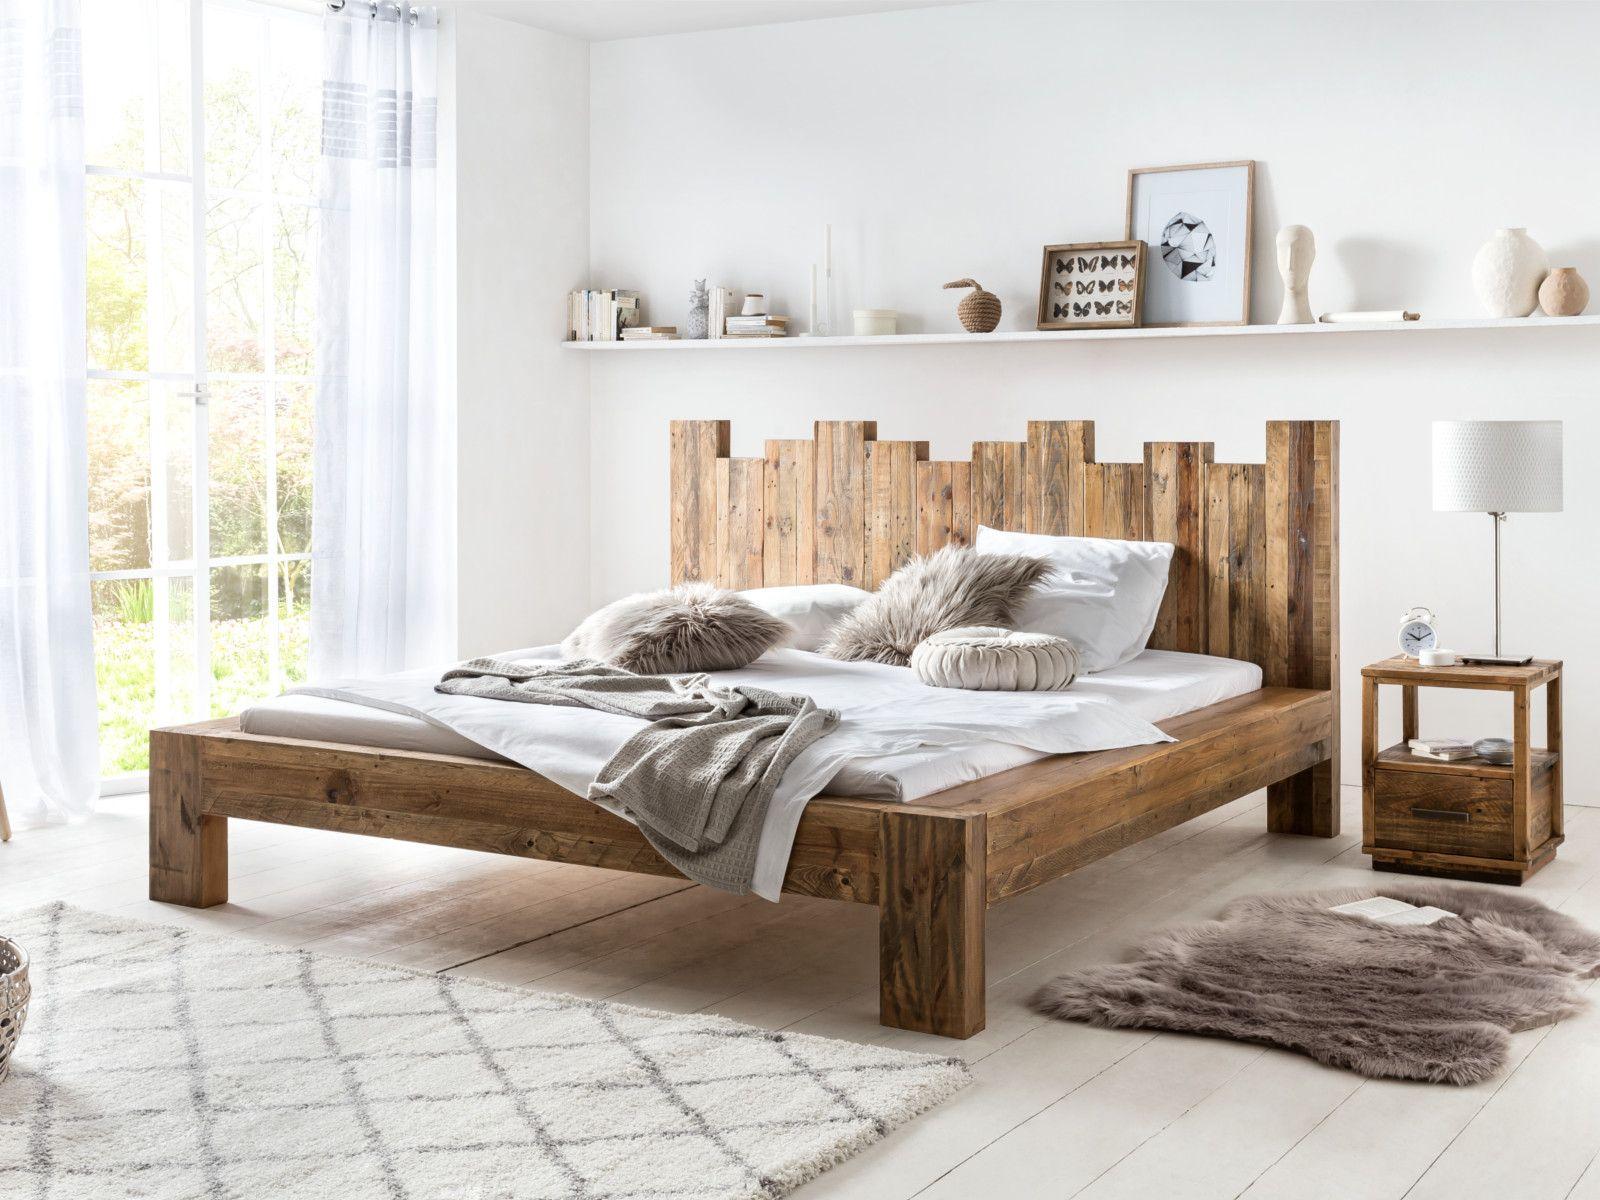 Holzbett Queensburgh Schlafzimmer Einrichten Holzbett Schlafzimmer Gestalten